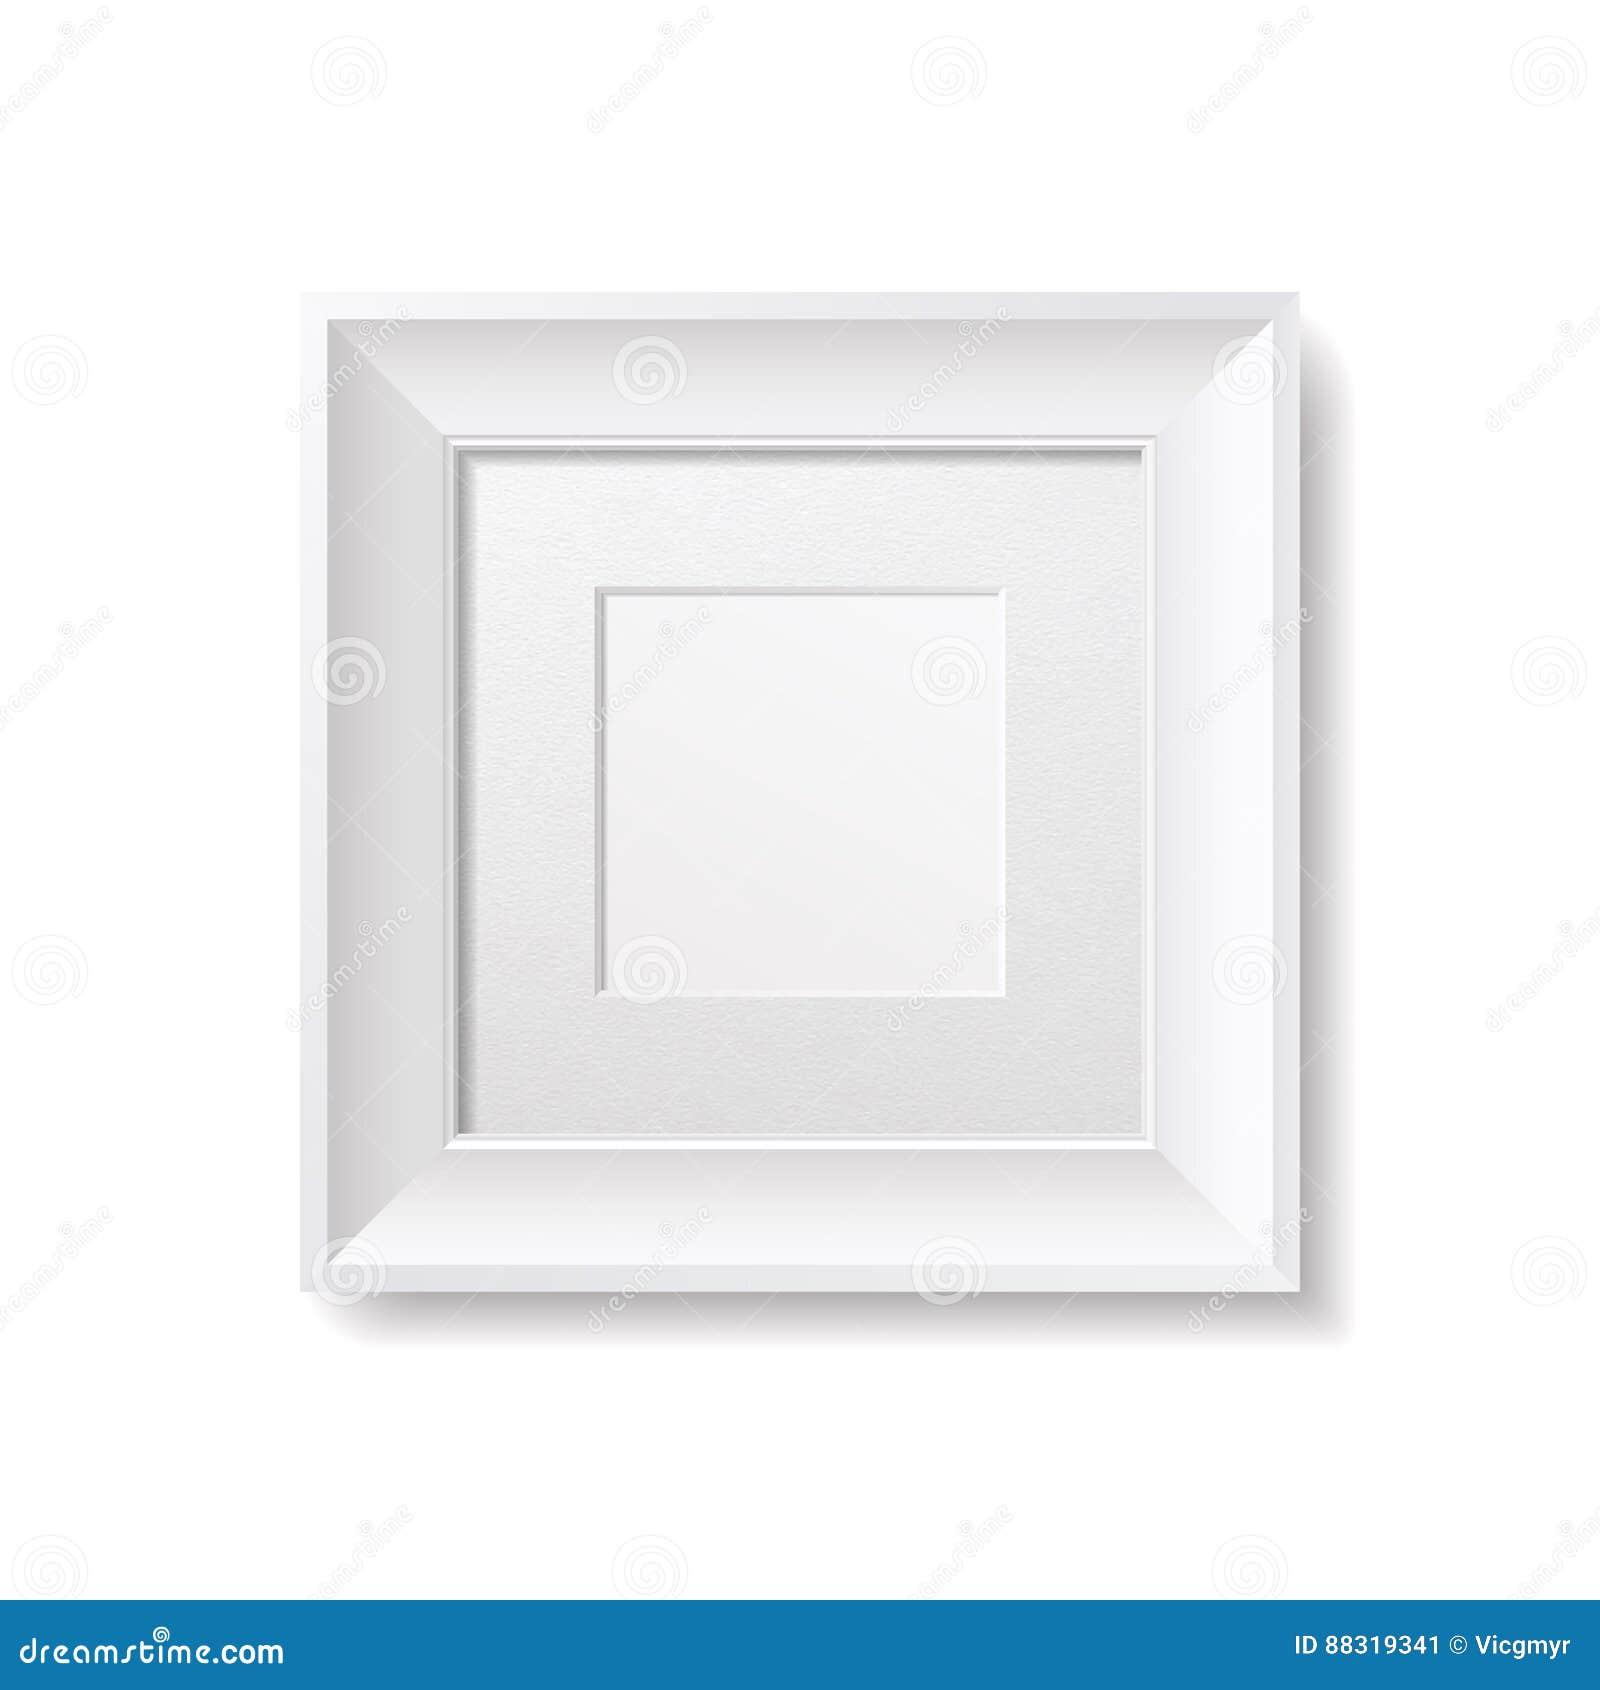 cadre photo avec passe partout perfect cadre photo avec. Black Bedroom Furniture Sets. Home Design Ideas